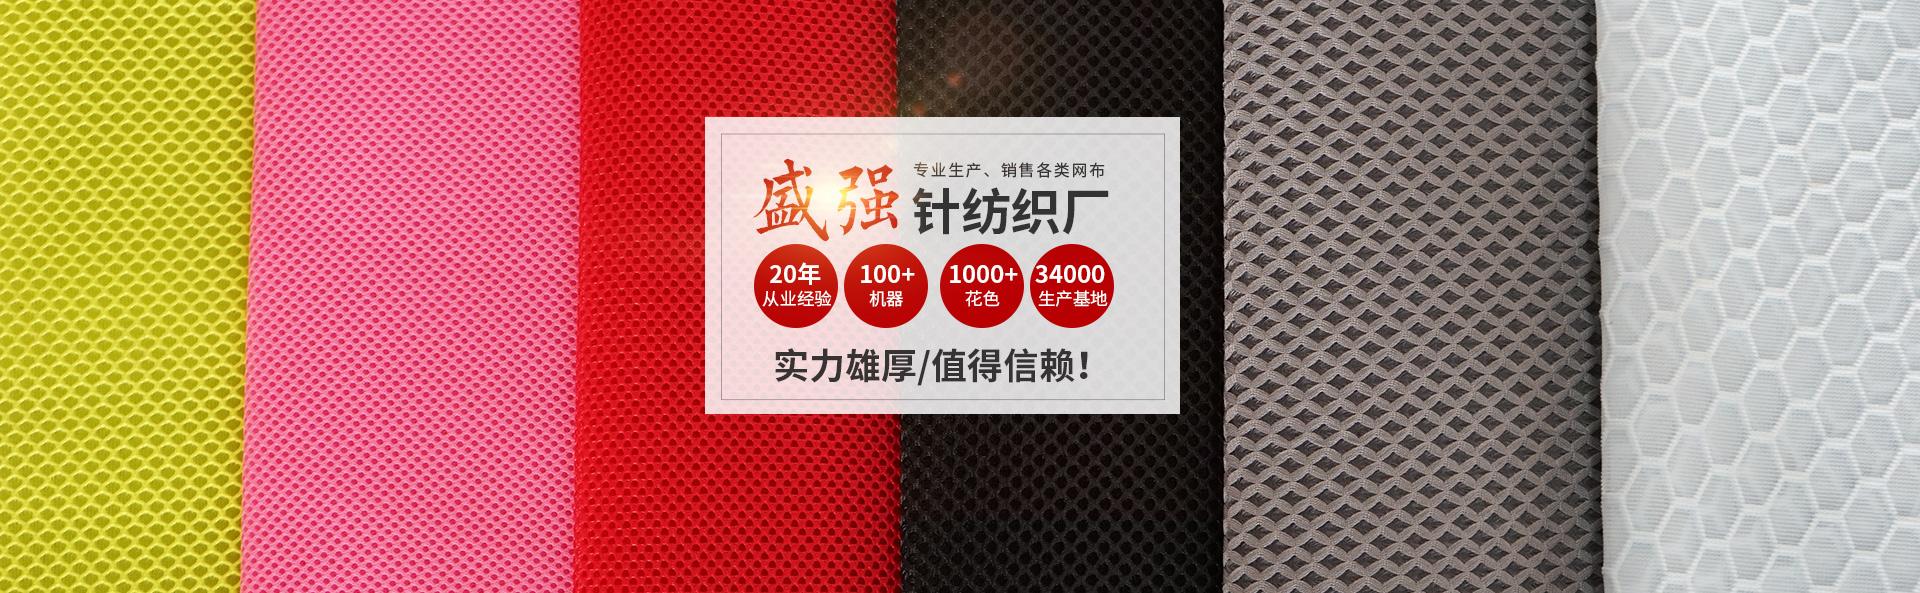 雷竞技官网-雷竞技app官网入口-雷竞技官网手机版